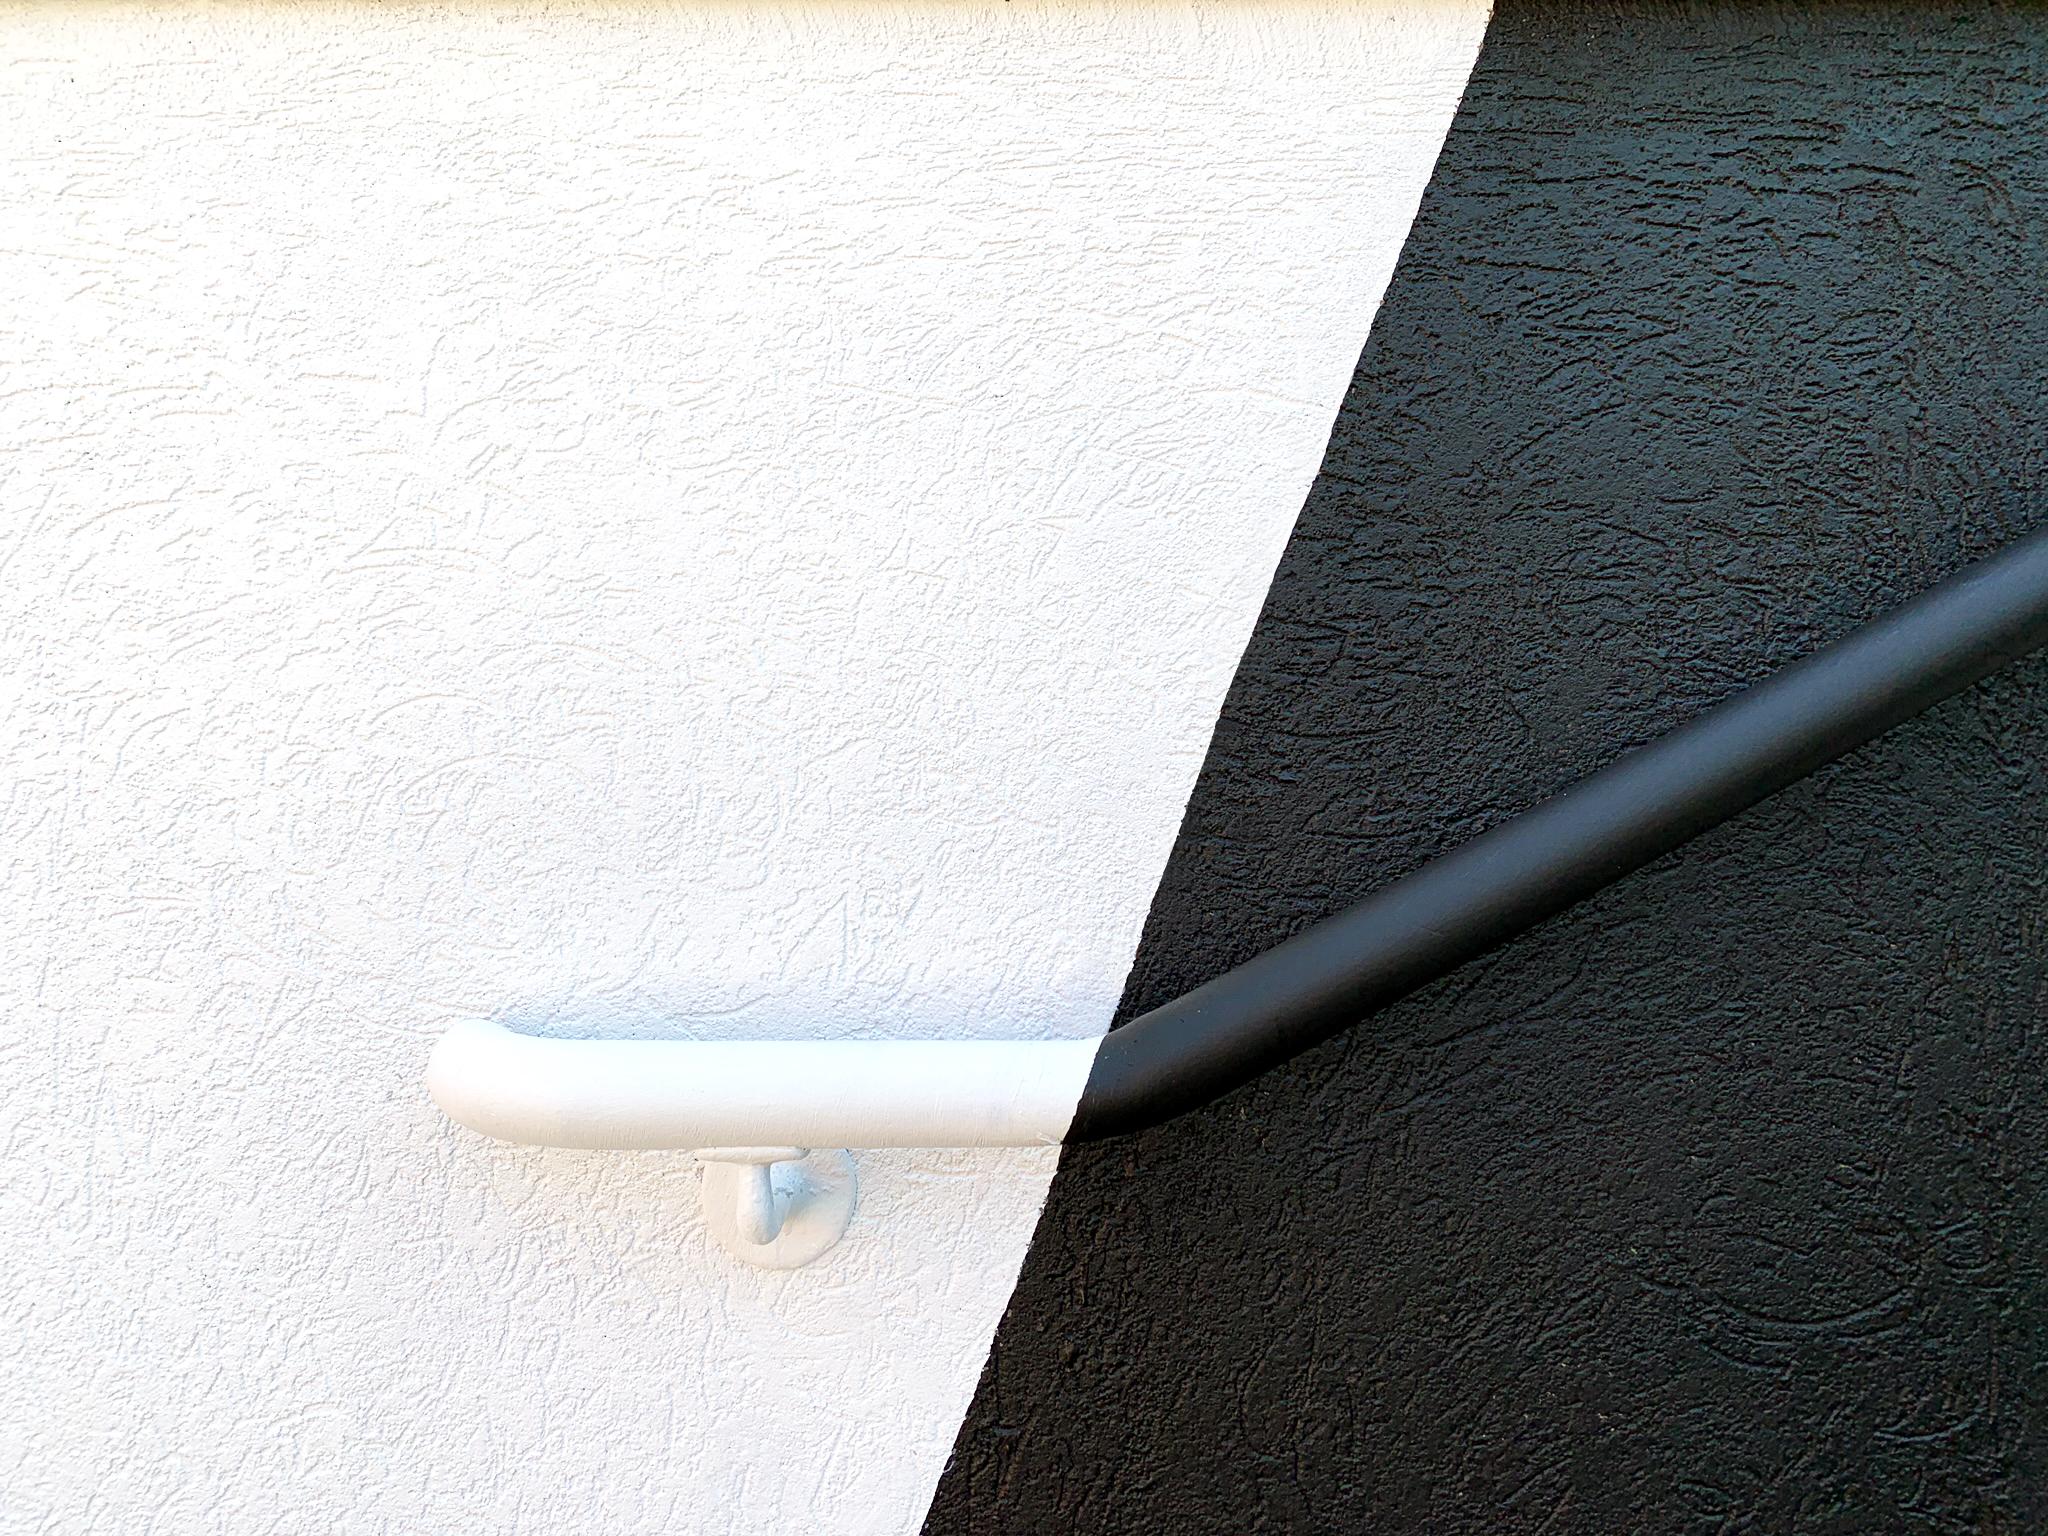 Tofer-Chin-Pillars-Final-LAUD-Mural-detail2.jpg